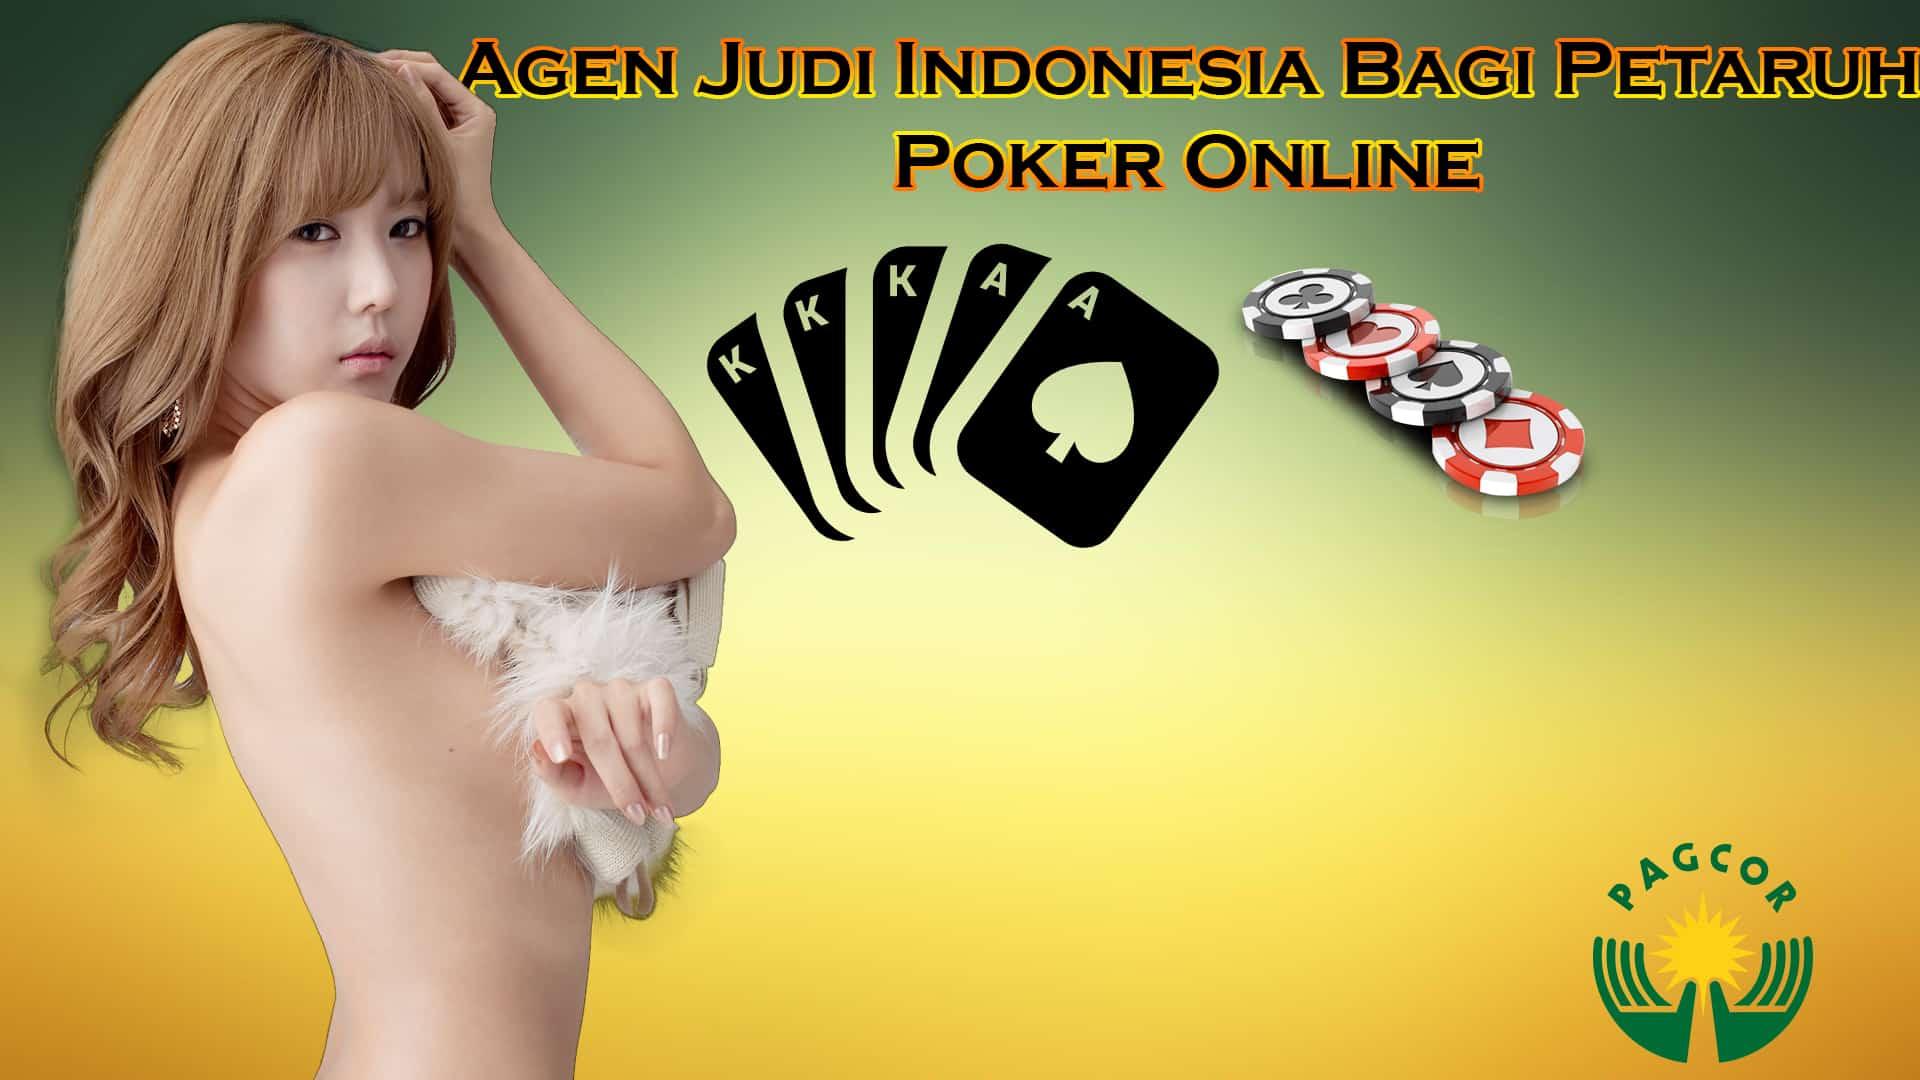 Agen Judi Indonesia Bagi Petaruh Poker Online